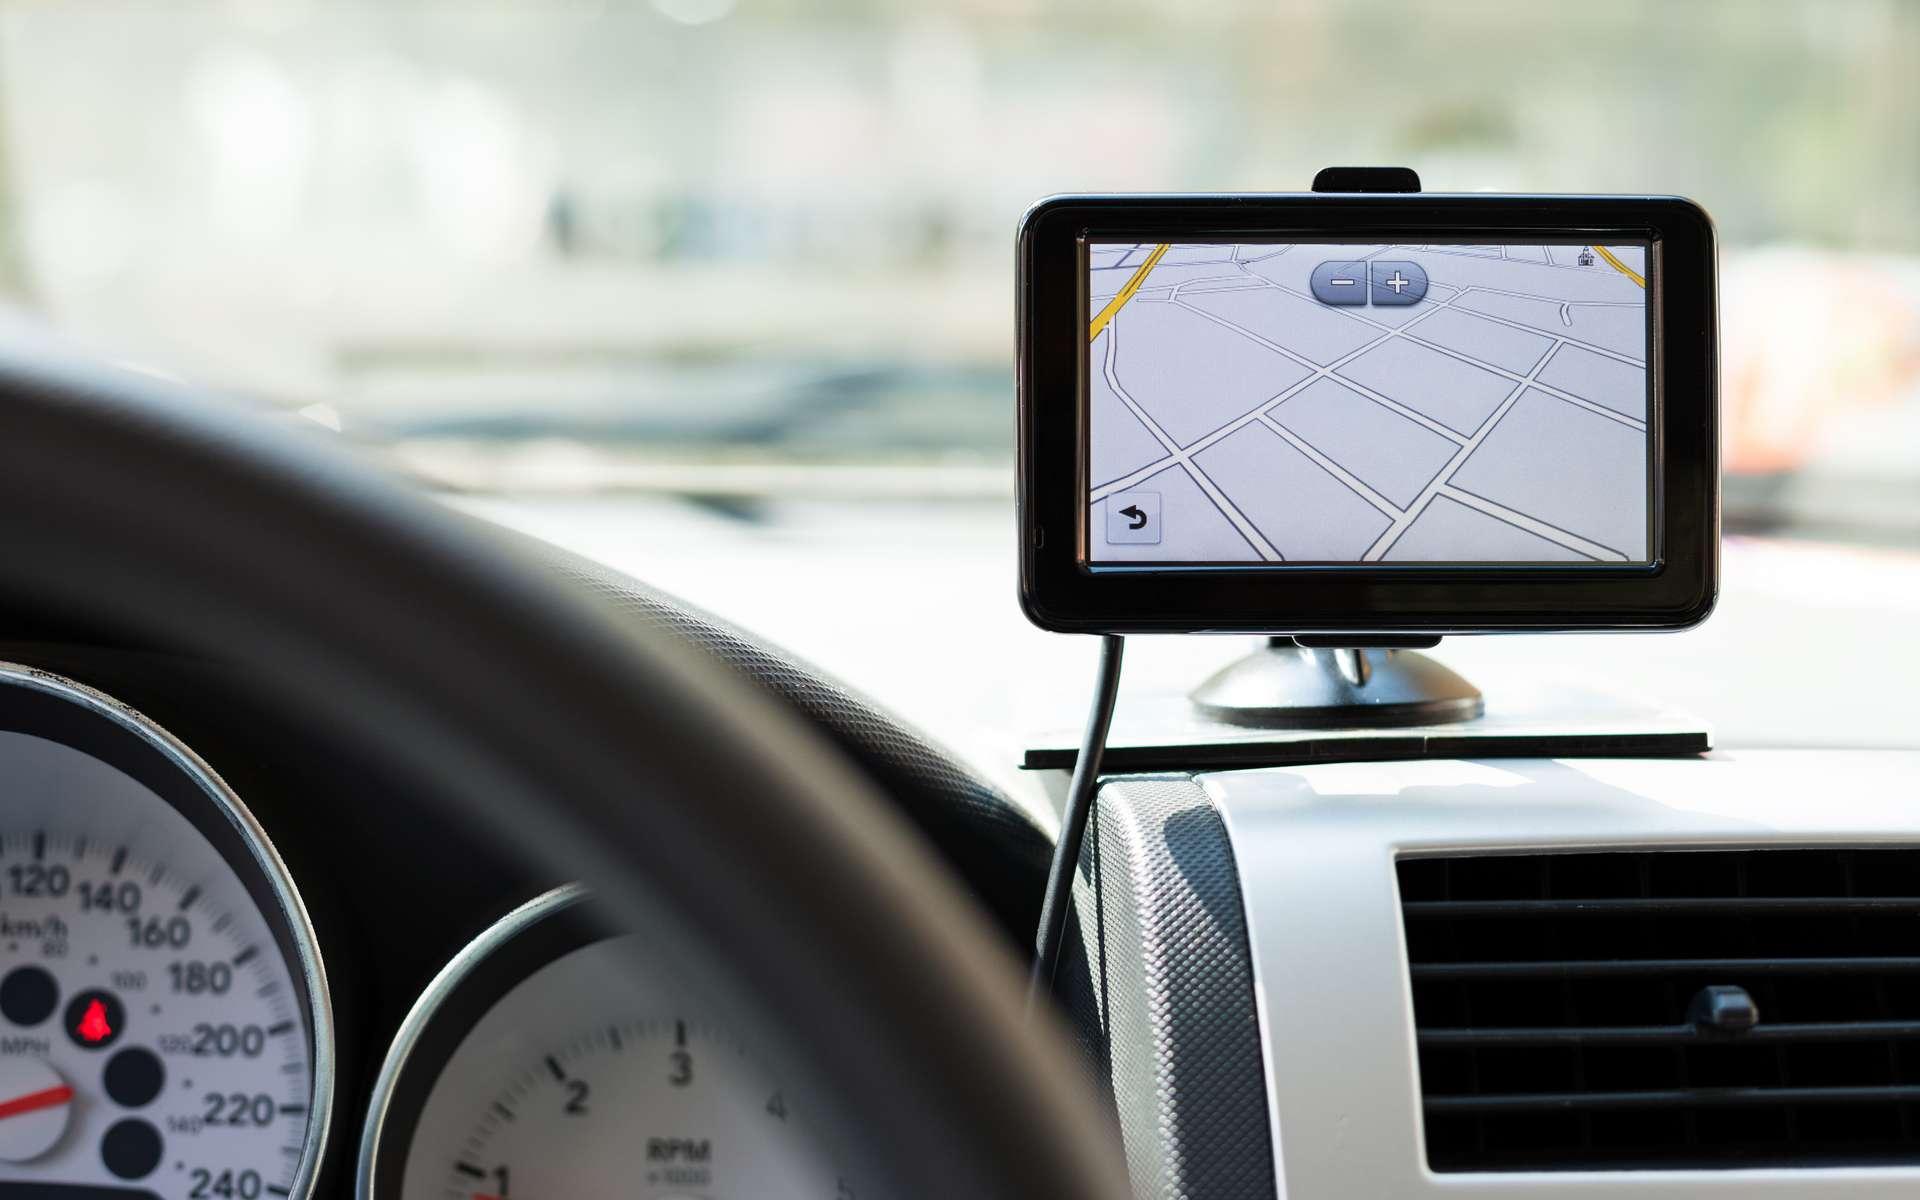 Le GPS est un système passif qui reçoit les signaux des satellites et en déduit une position. © Adobe Stock, luckybusiness